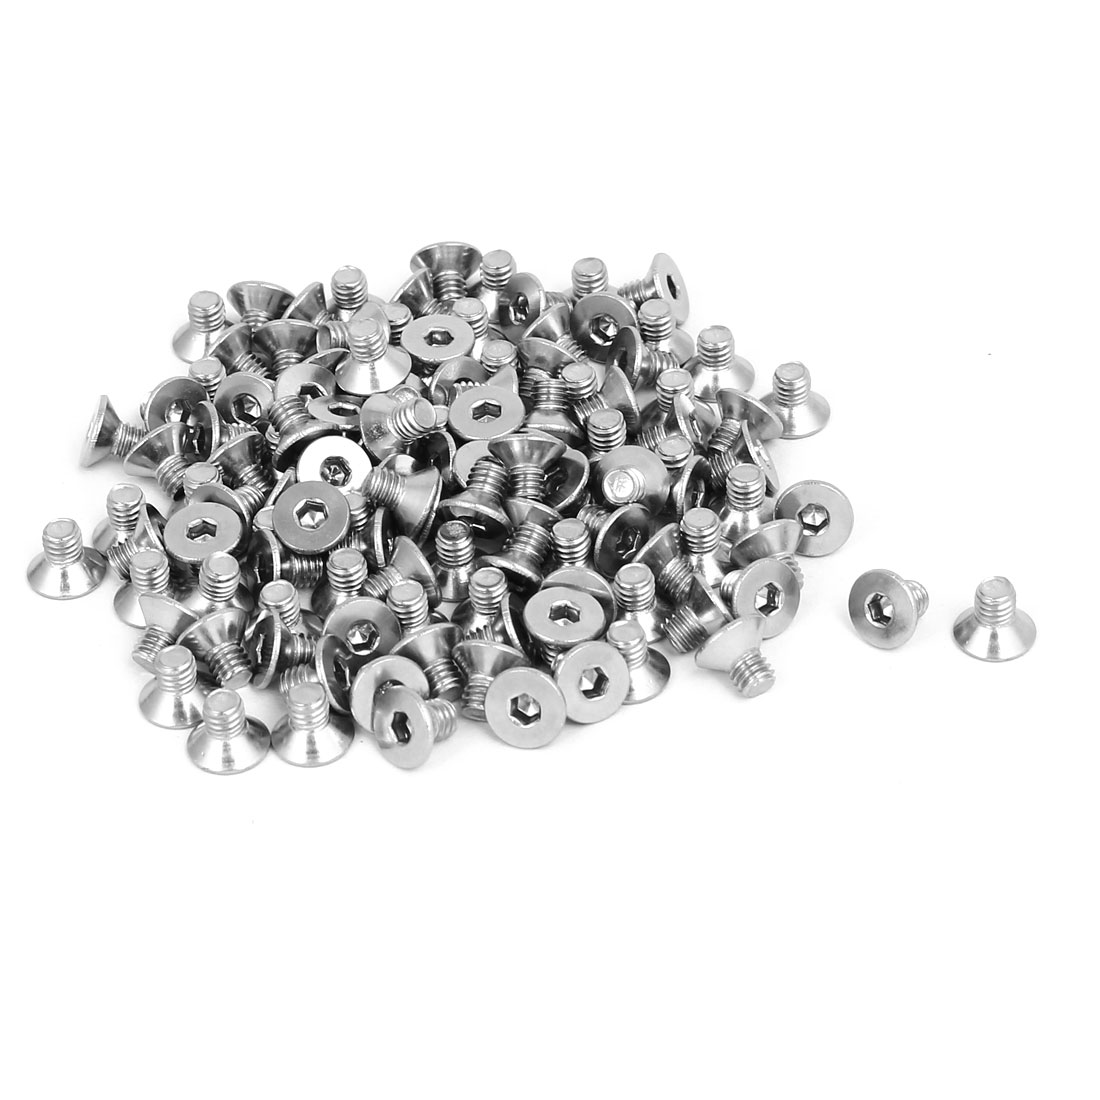 M4x6mm 304 Stainless Steel Flat Head Hex Socket Screws Fasteners DIN7991 120pcs